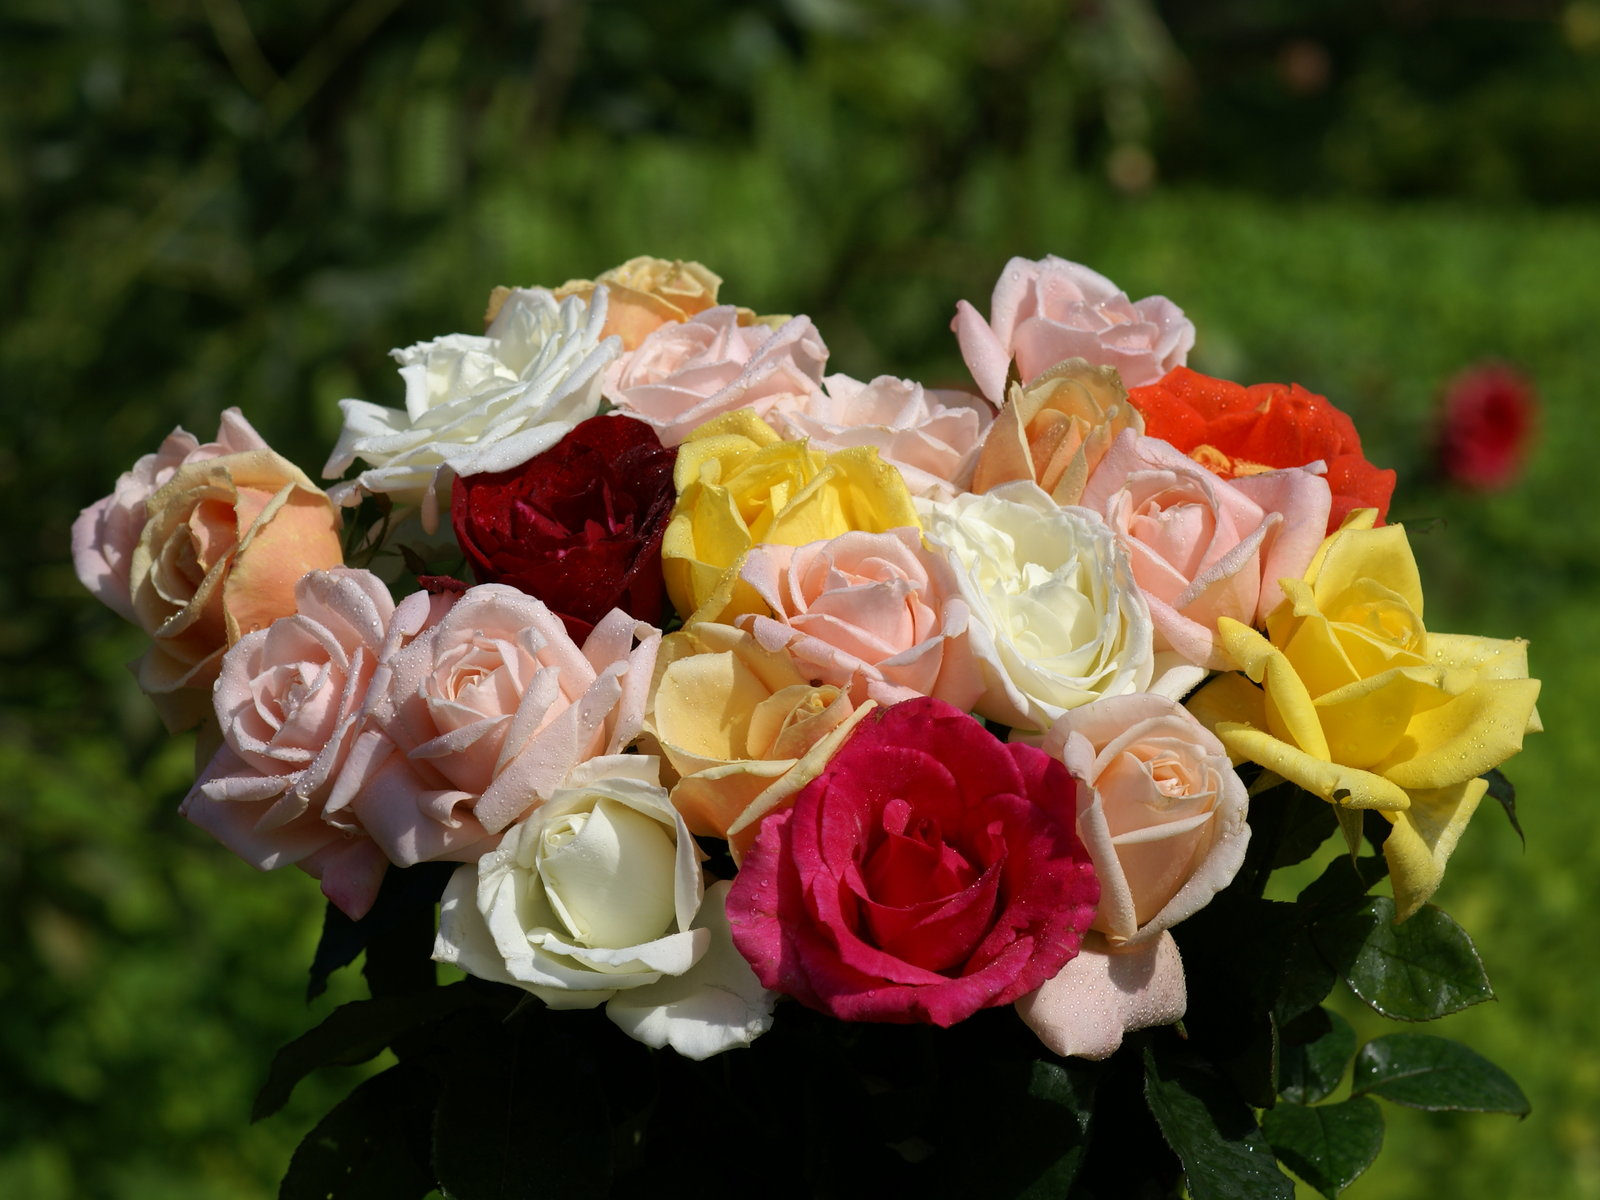 Fondos de pantalla de paisajes, flores, rosas y jardines